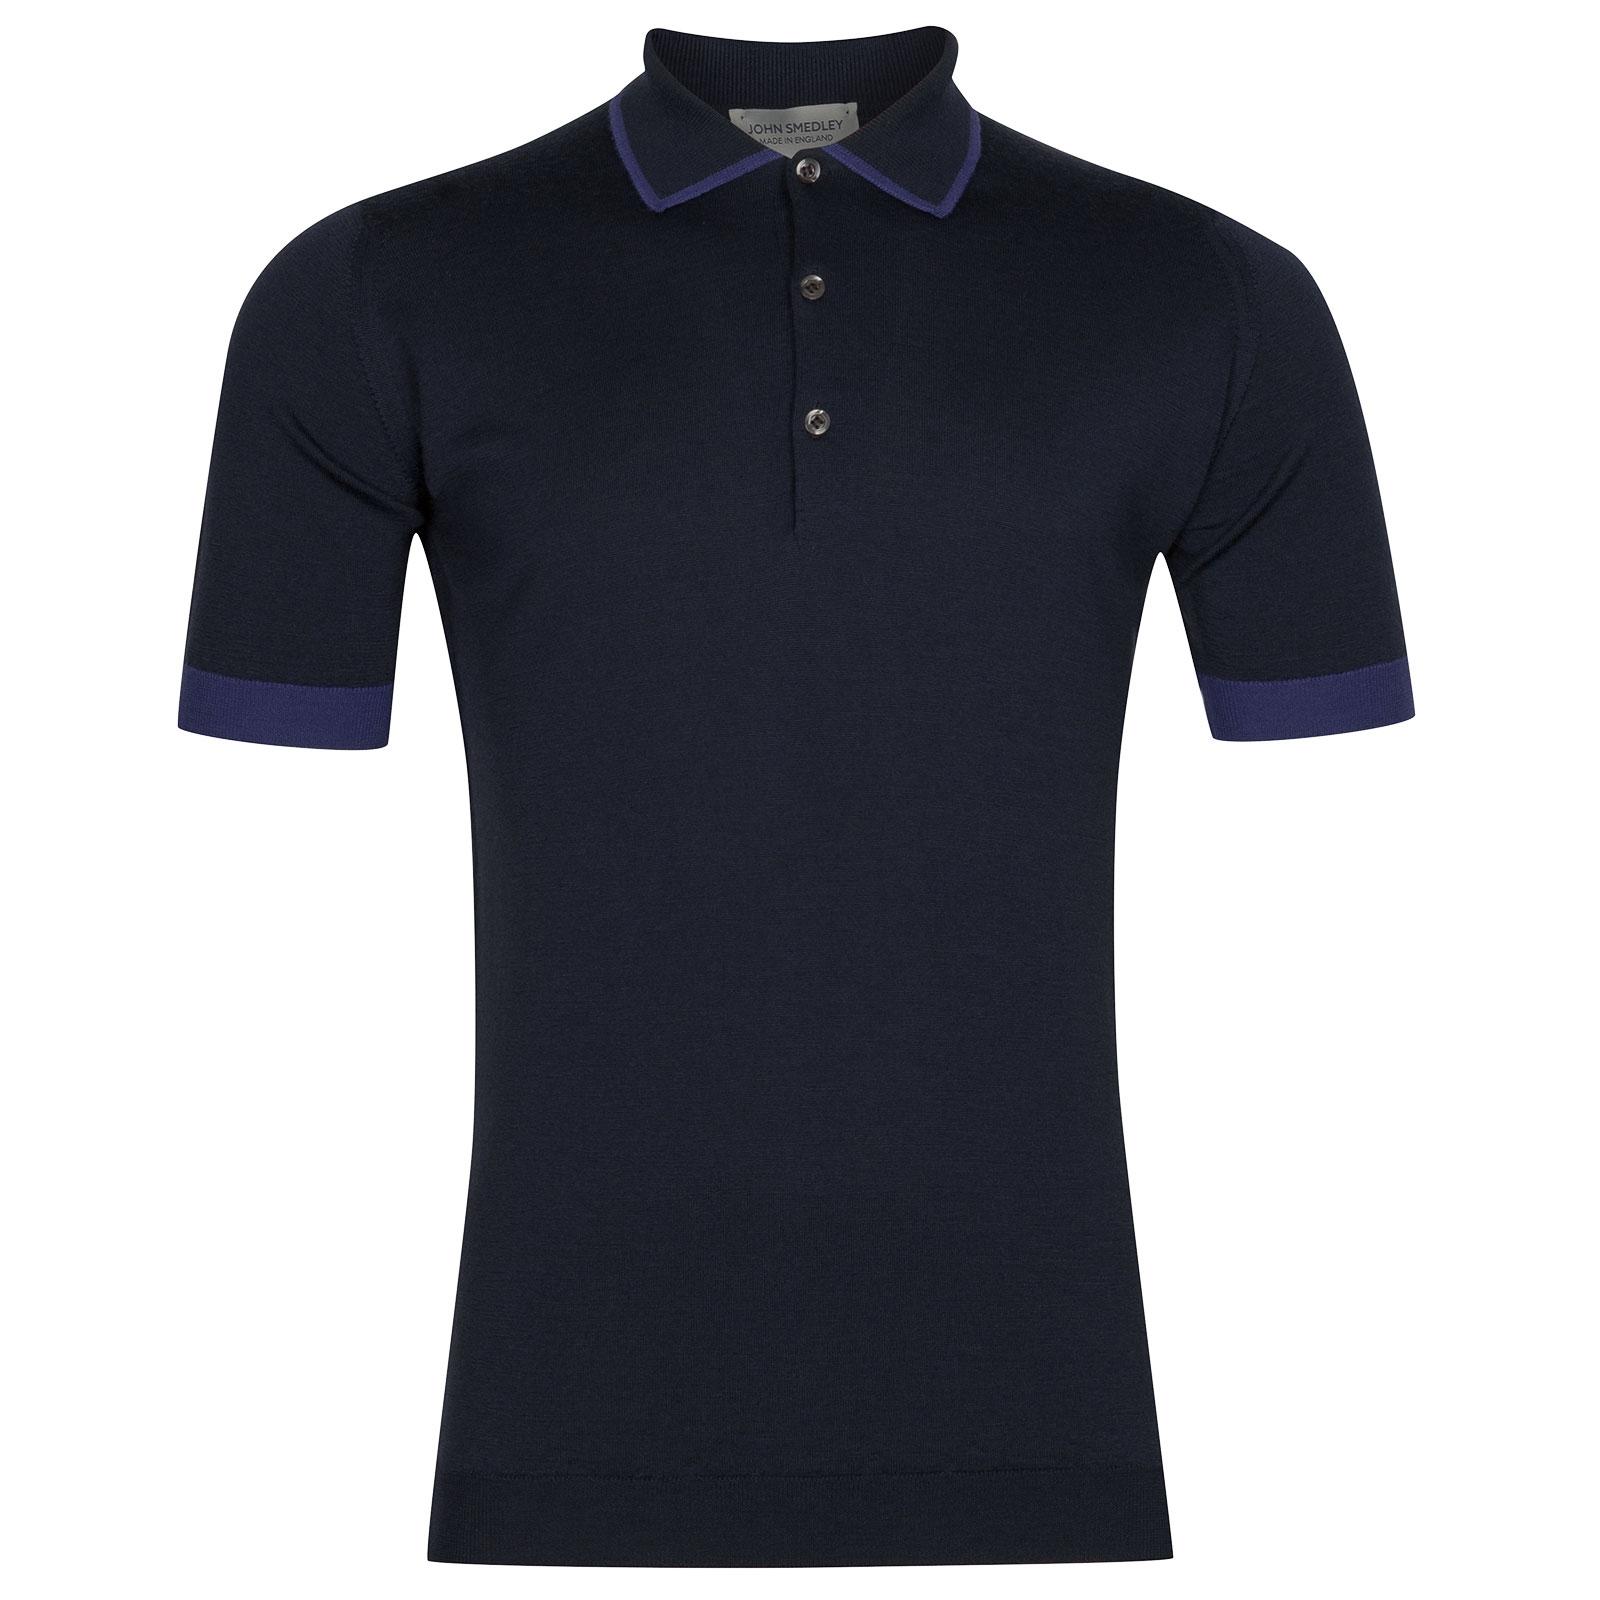 John Smedley Nailsea Extra Fine Merino Shirt in Midnight-M